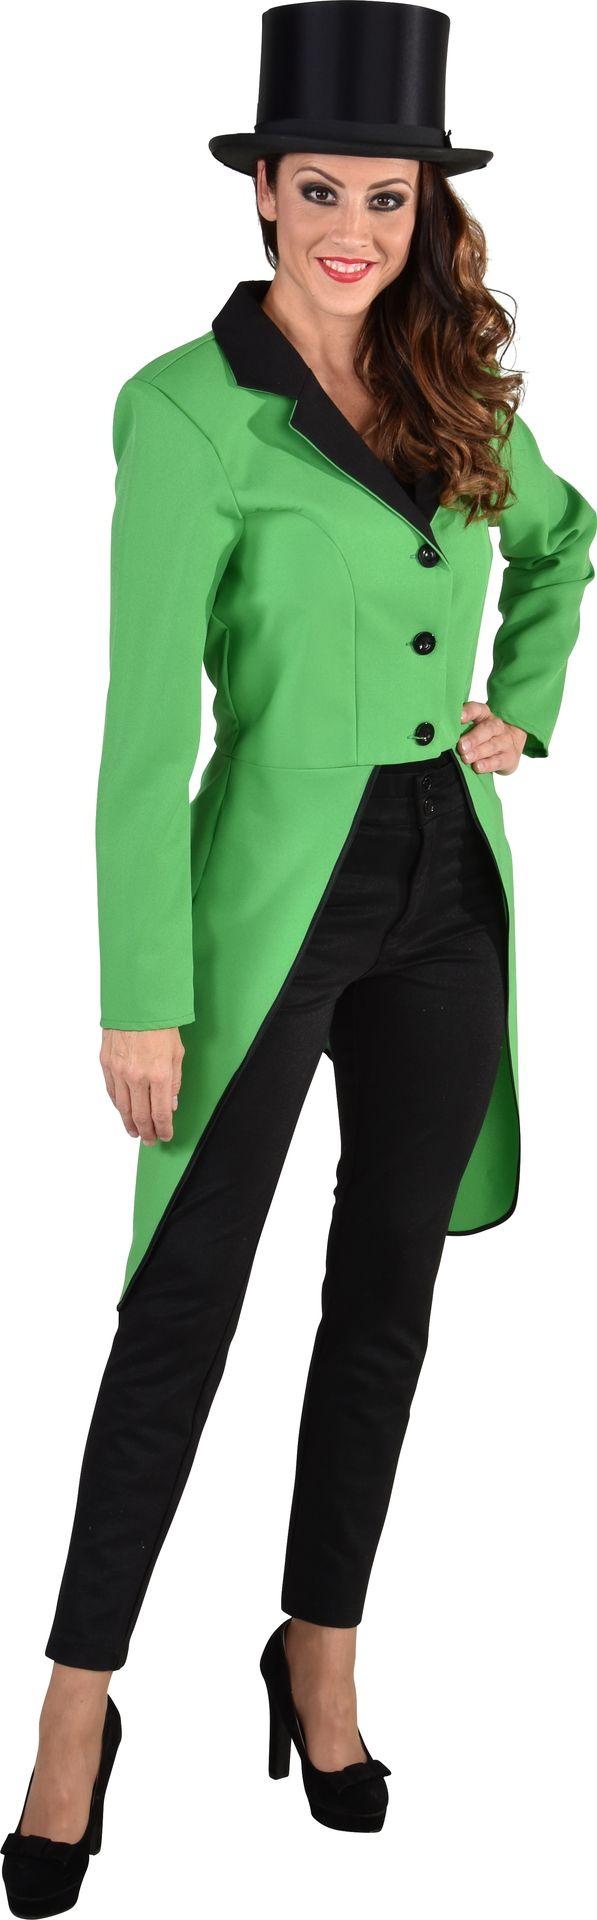 Slipjas dames groen